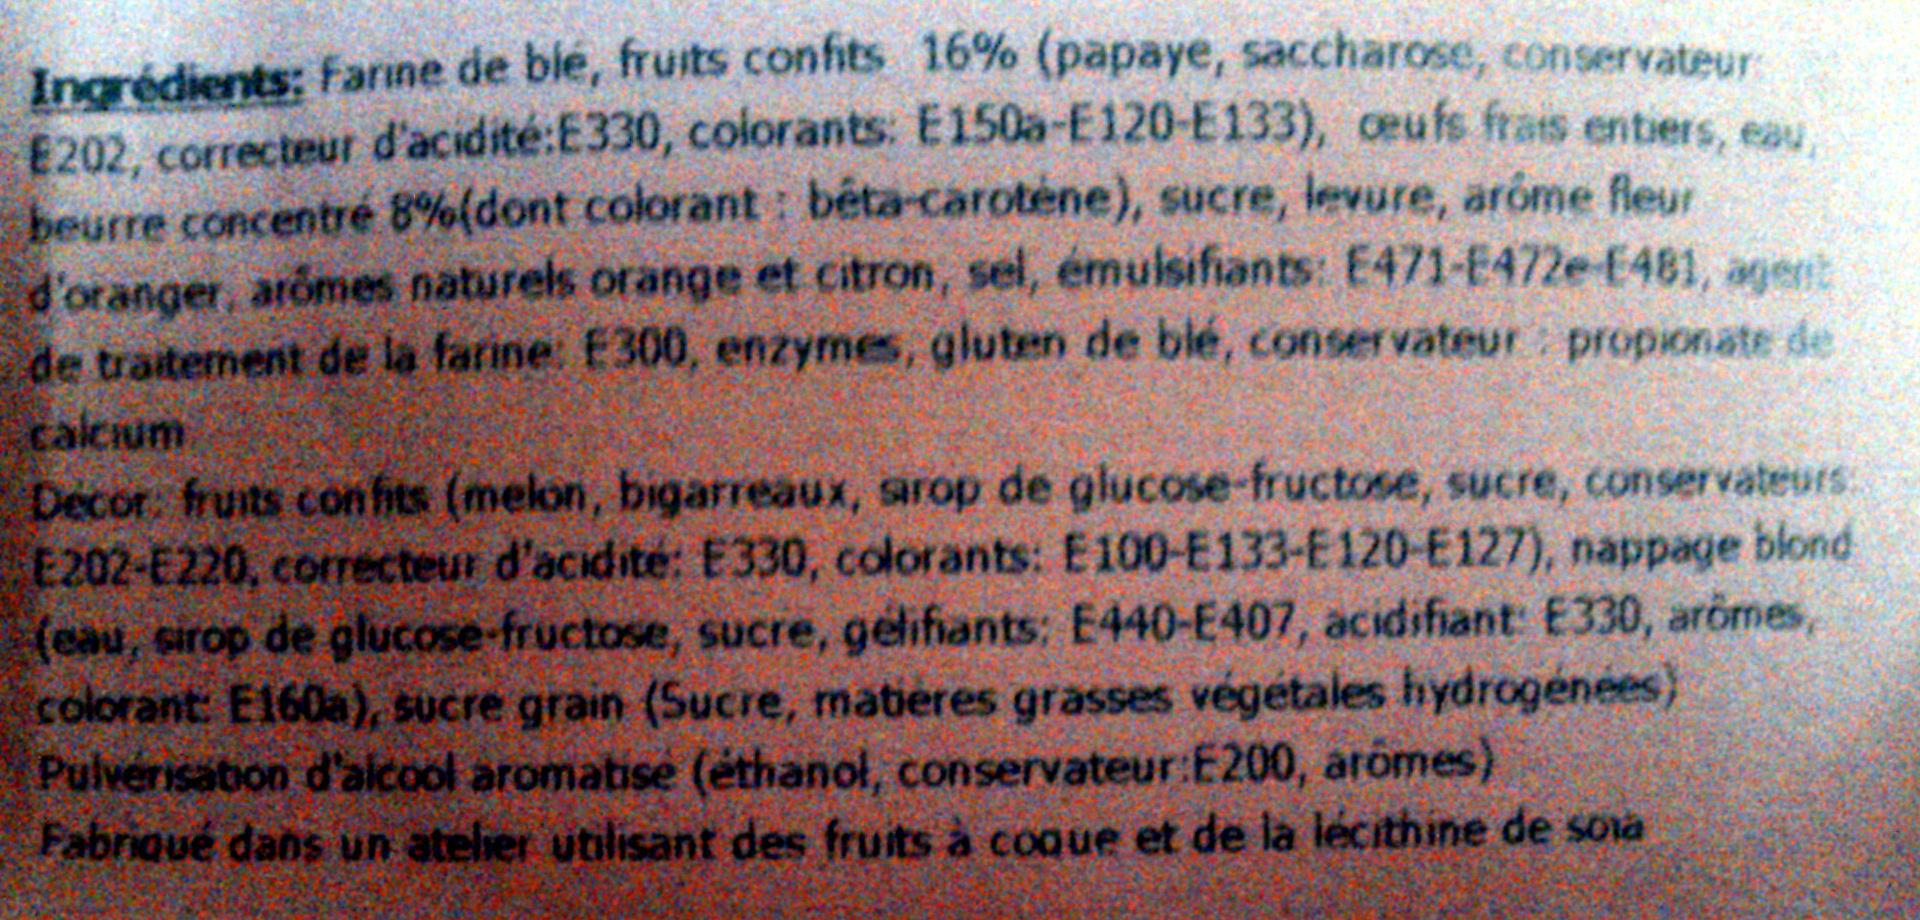 Couronne des rois aux fruits confits - Ingredients